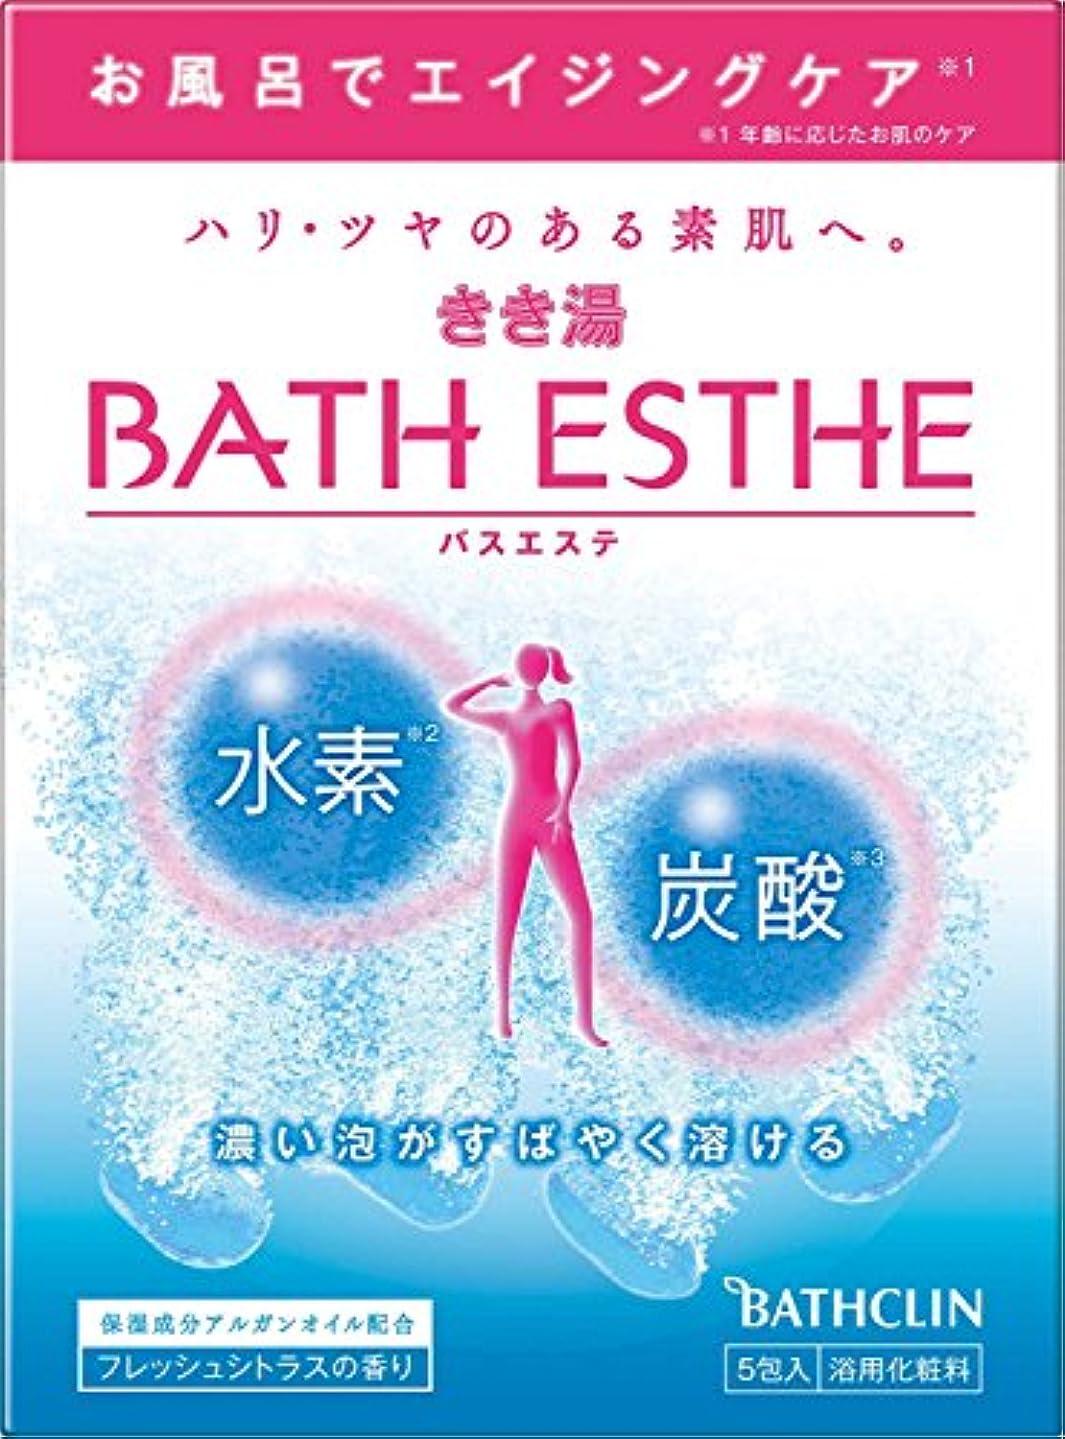 ペッカディロヒューズ療法きき湯バスエステ炭酸水素入浴剤 フレッシュシトラスの香り50g×5包入り 発泡タイプ 個包装